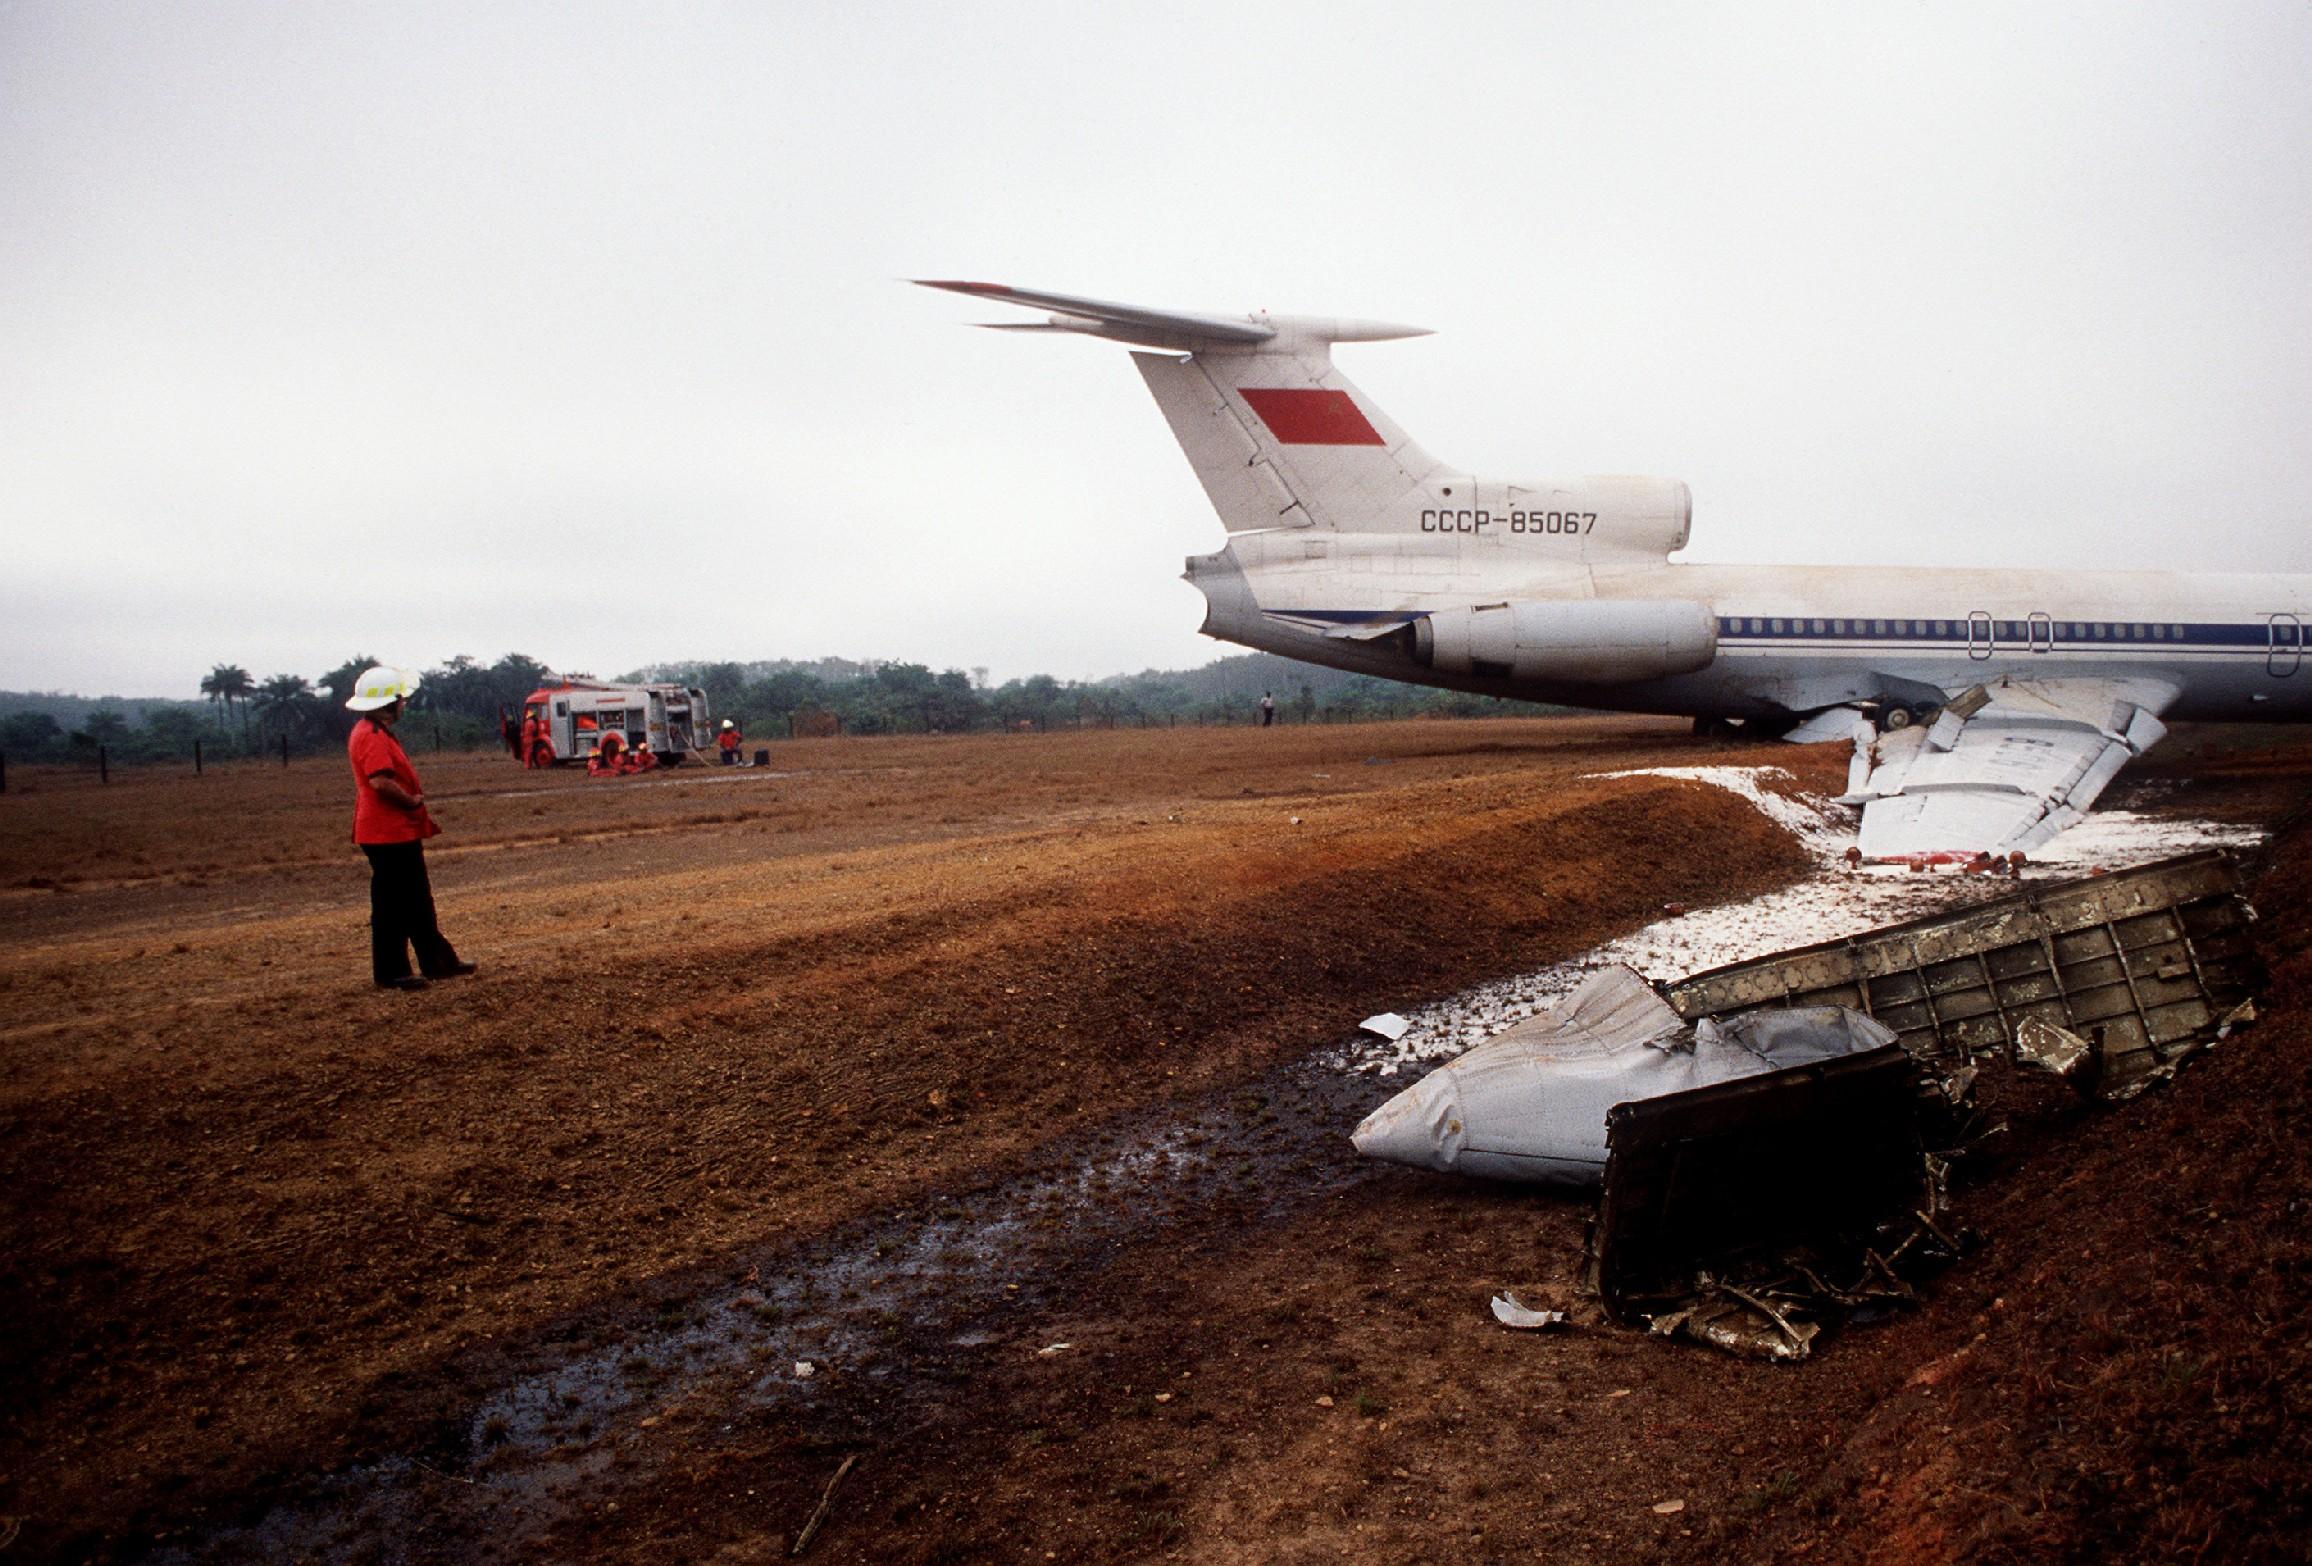 В США авиакомпания выполнила первый рейс с полностью